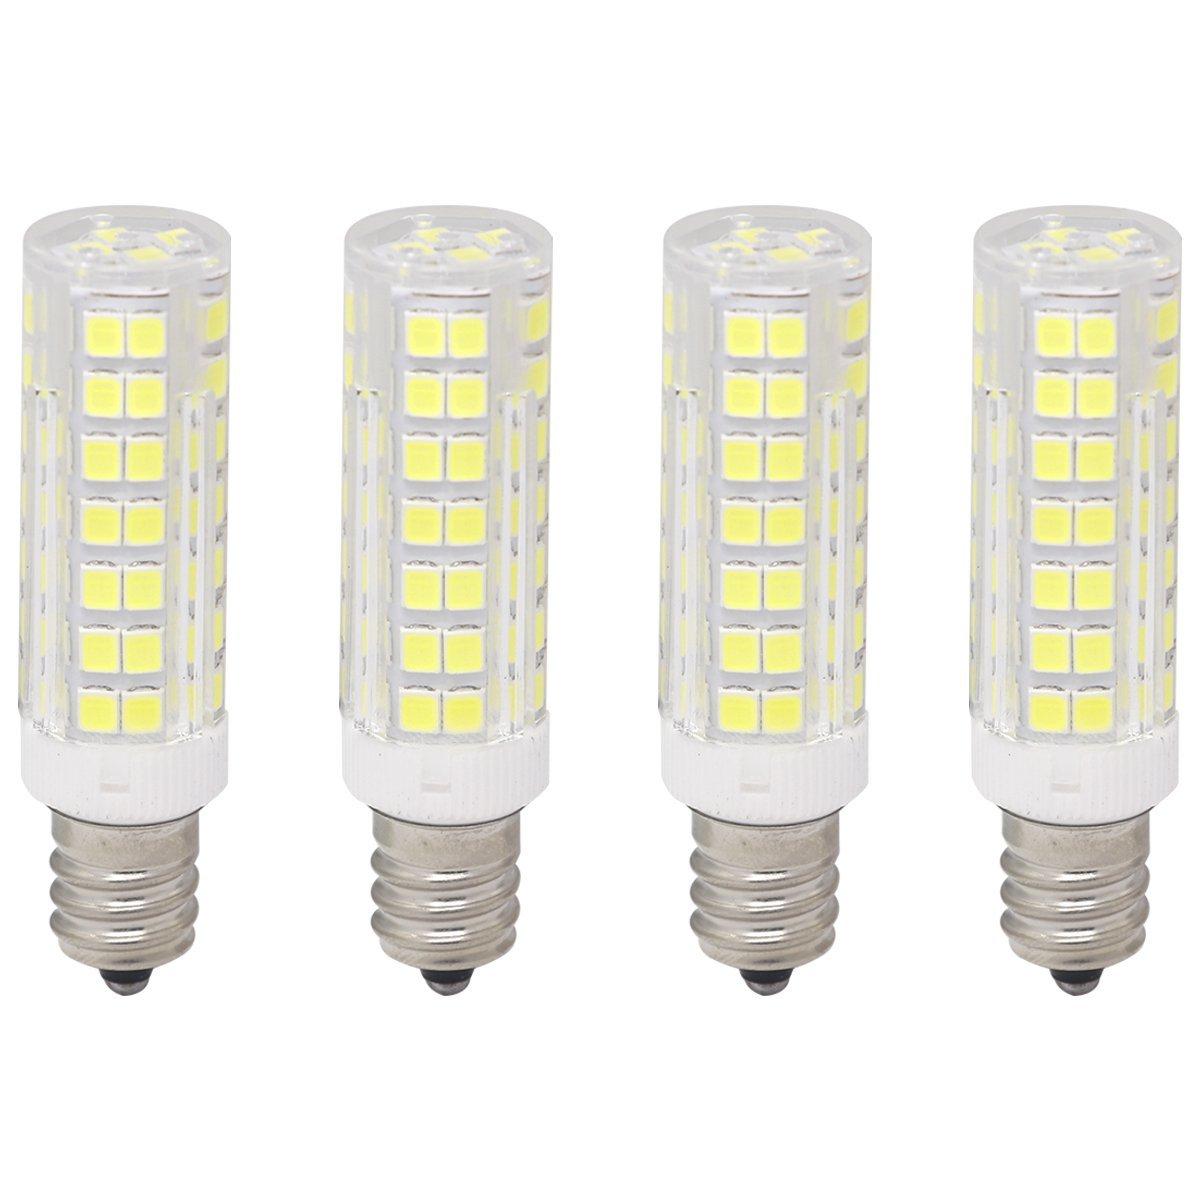 Jd E12 Led: Ulight E12 Led Bulb Candelabra Light Bulbs 6W 650lm, Jd